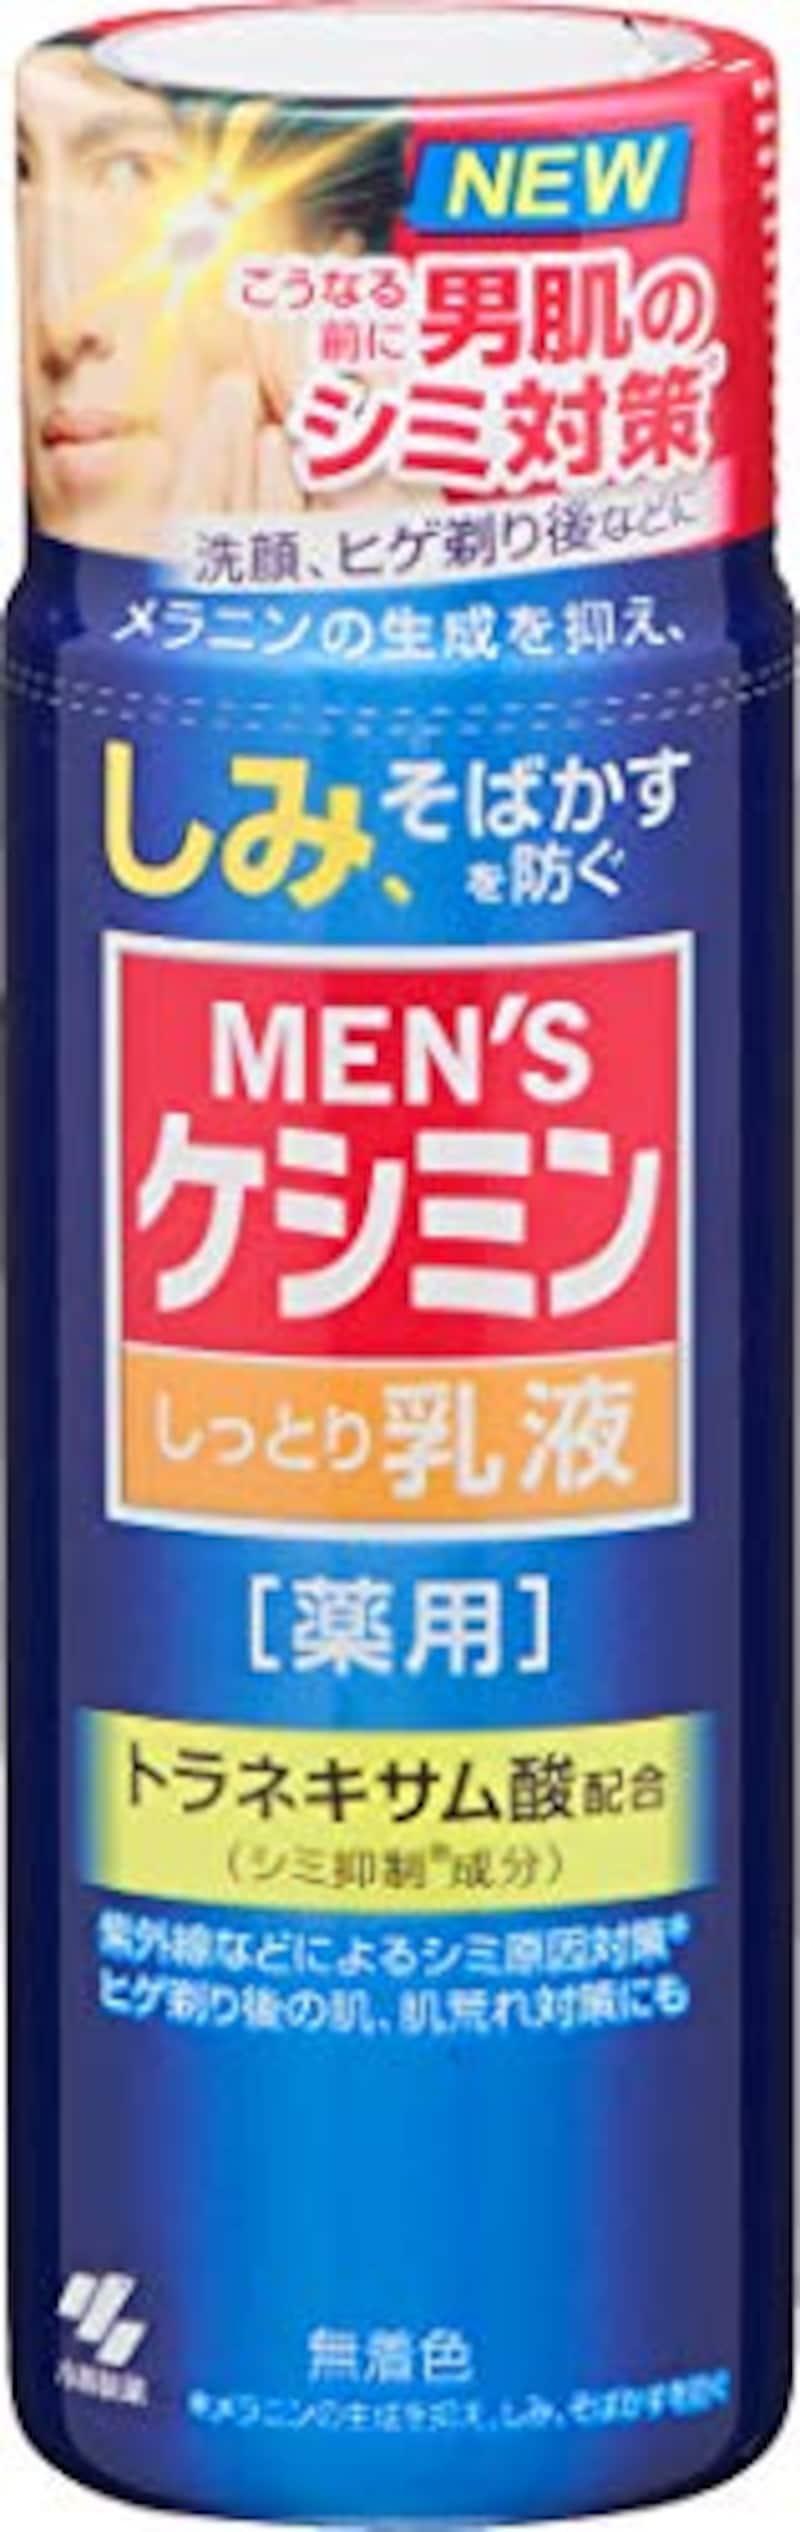 ケシミン,メンズケシミン乳液